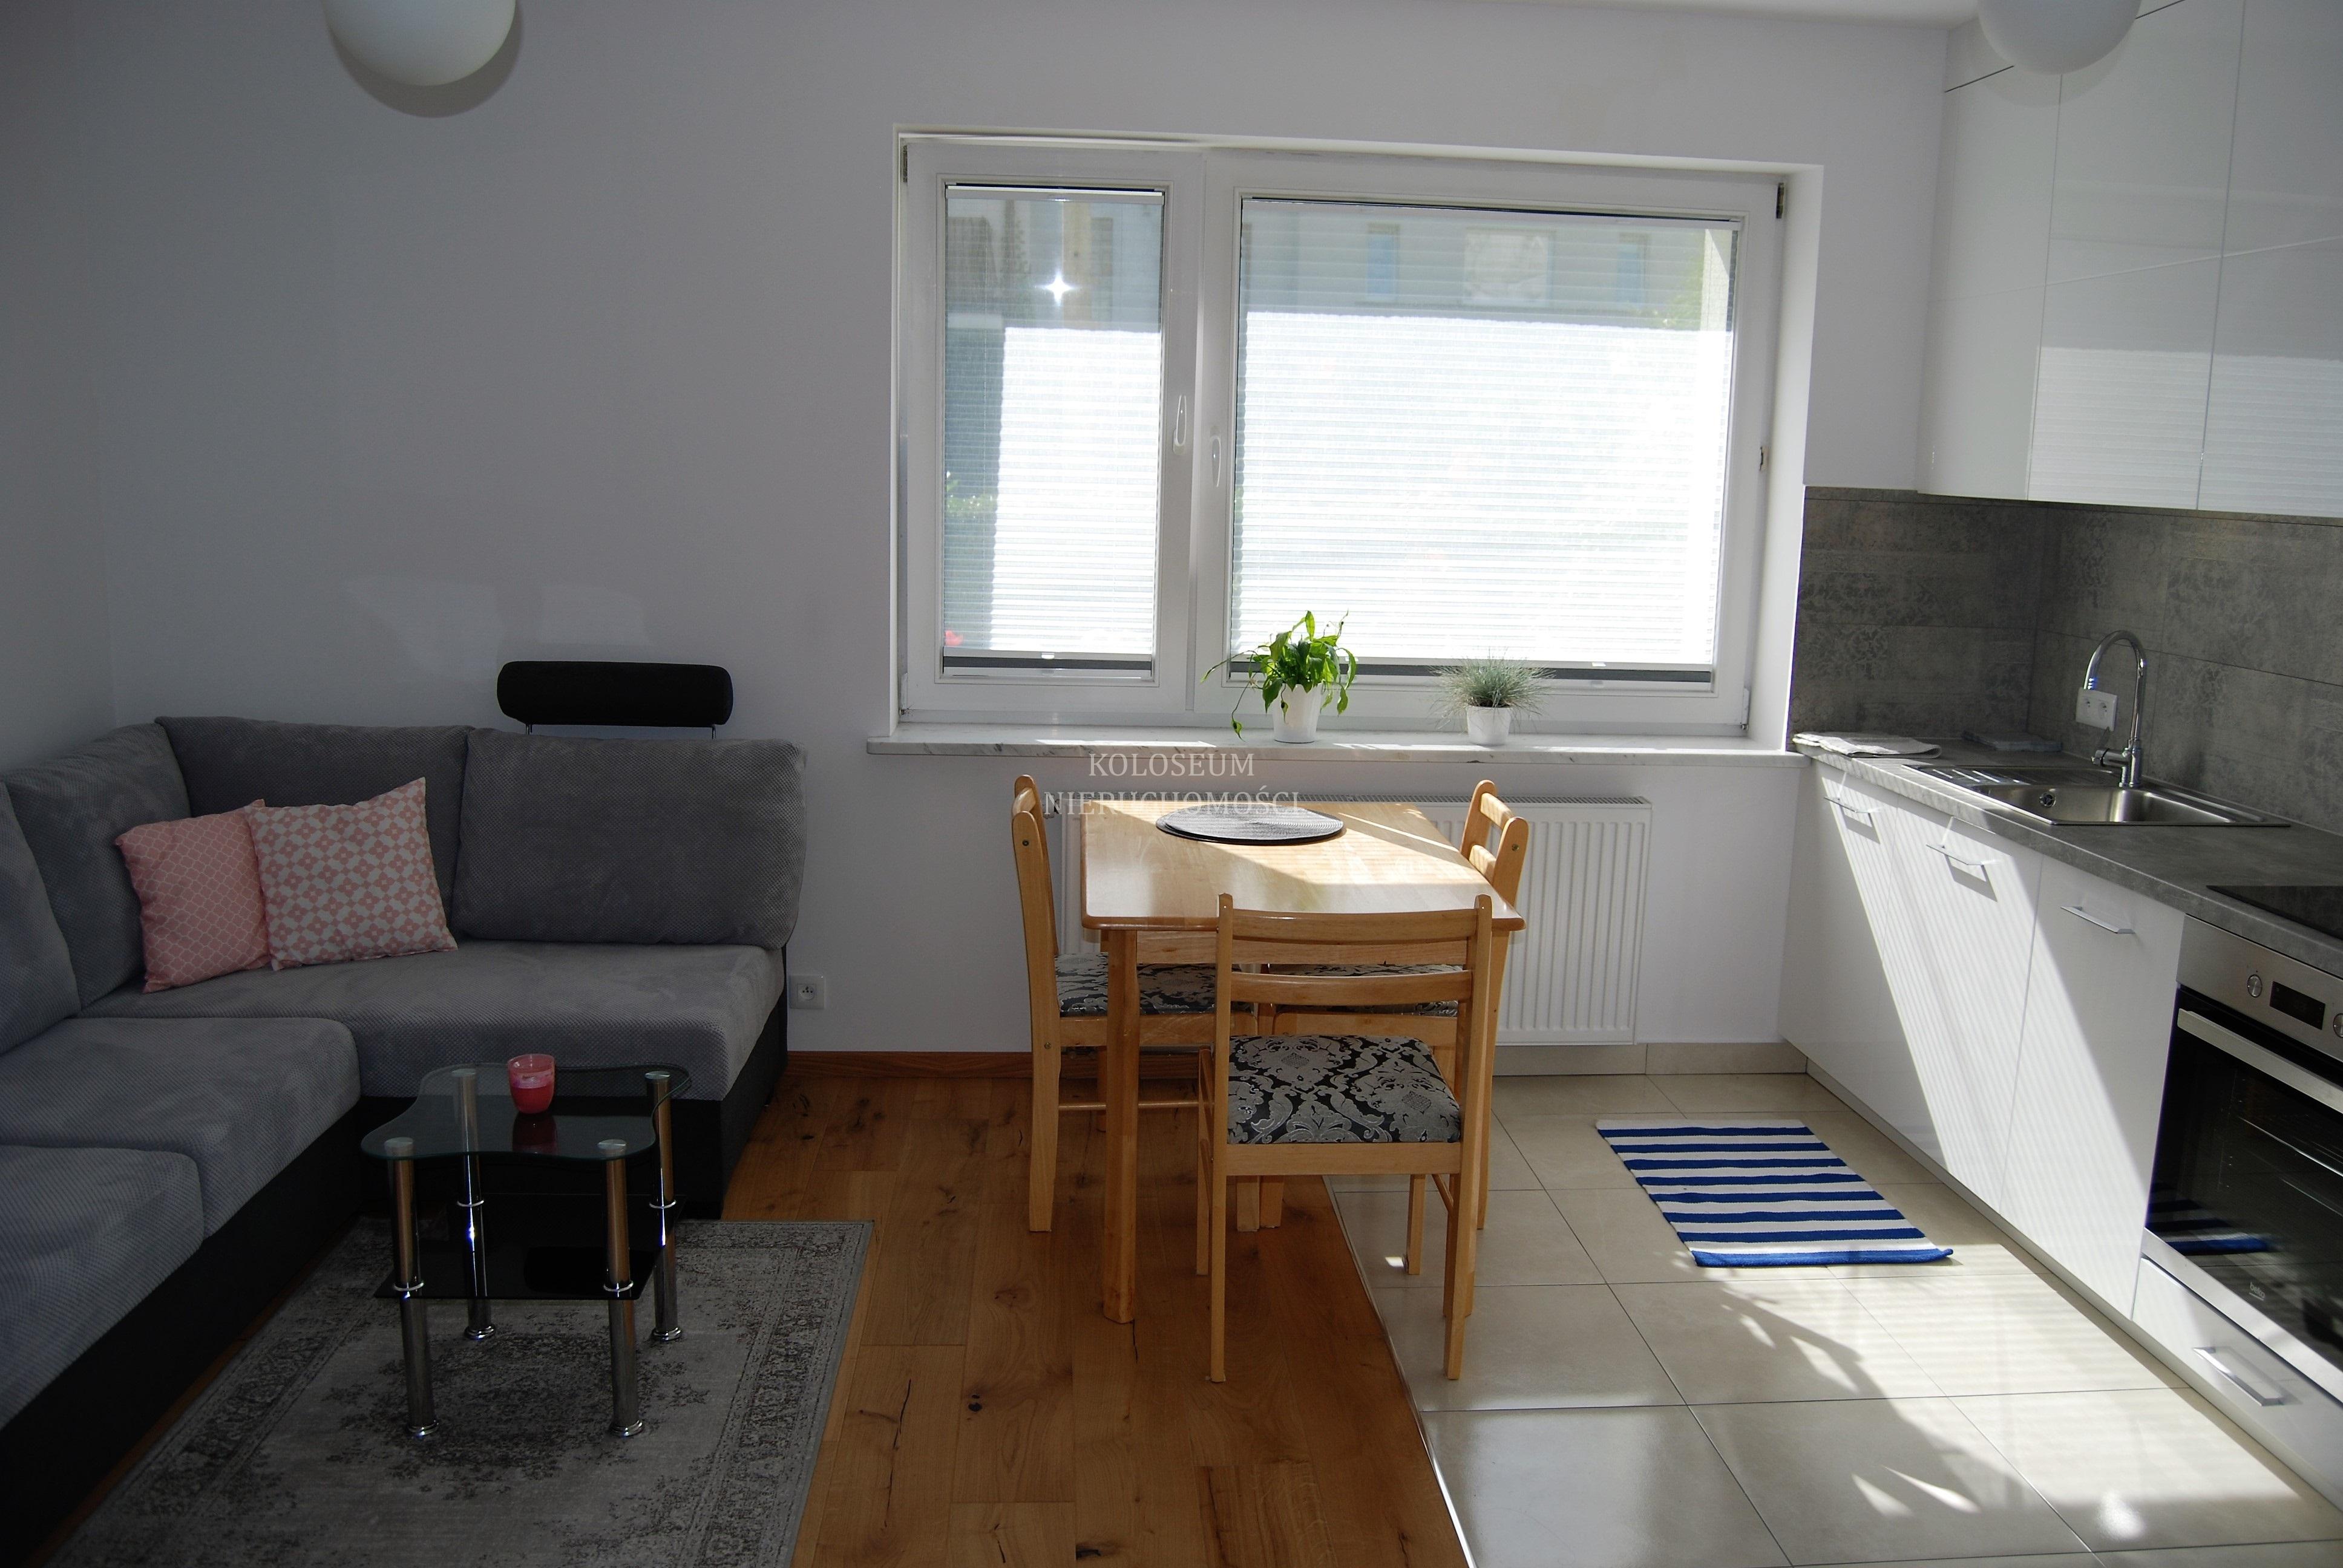 Oferta 460348 Gdynia Mieszkanie 2p 36m2 Gdynia Działki